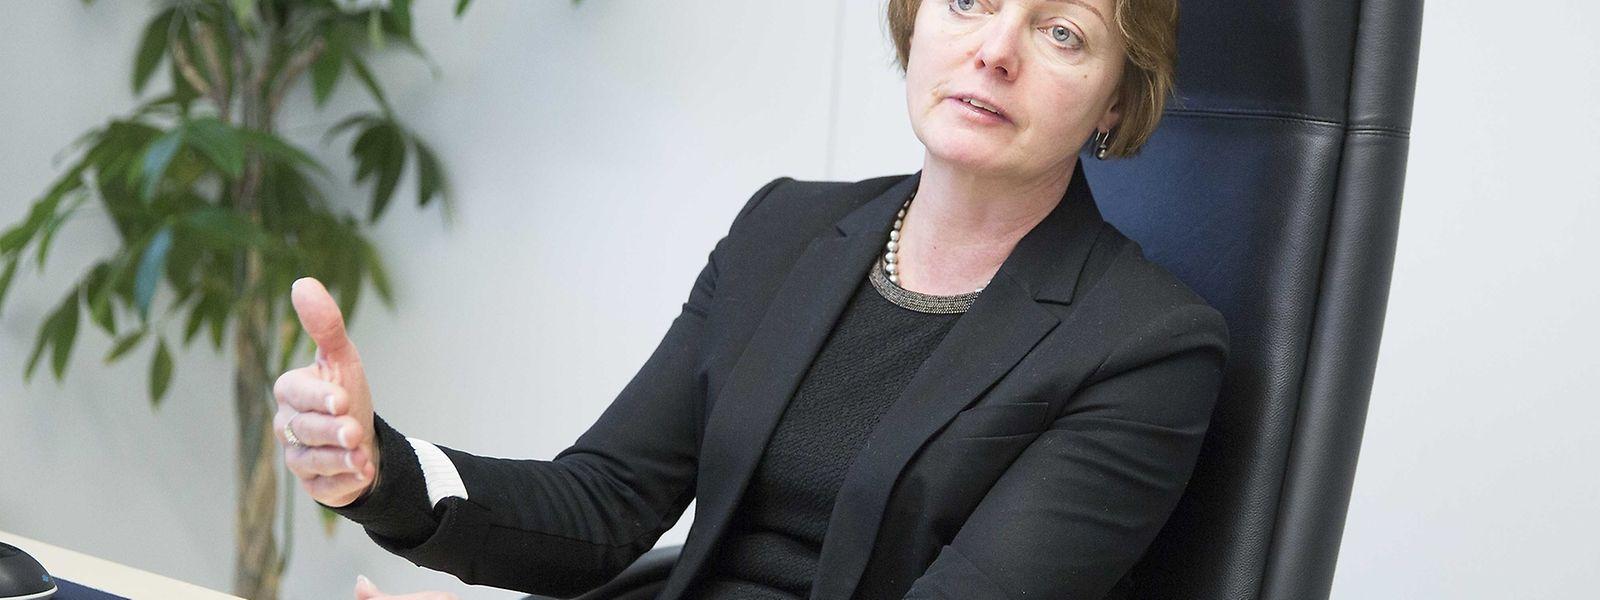 Laut Annemarie Arens bietet die luxemburgische Agentur Luxflag von allen bestehenden Anbietern für das Fonds-Labelling als einzige eine wirklich unabhängige Instanz.